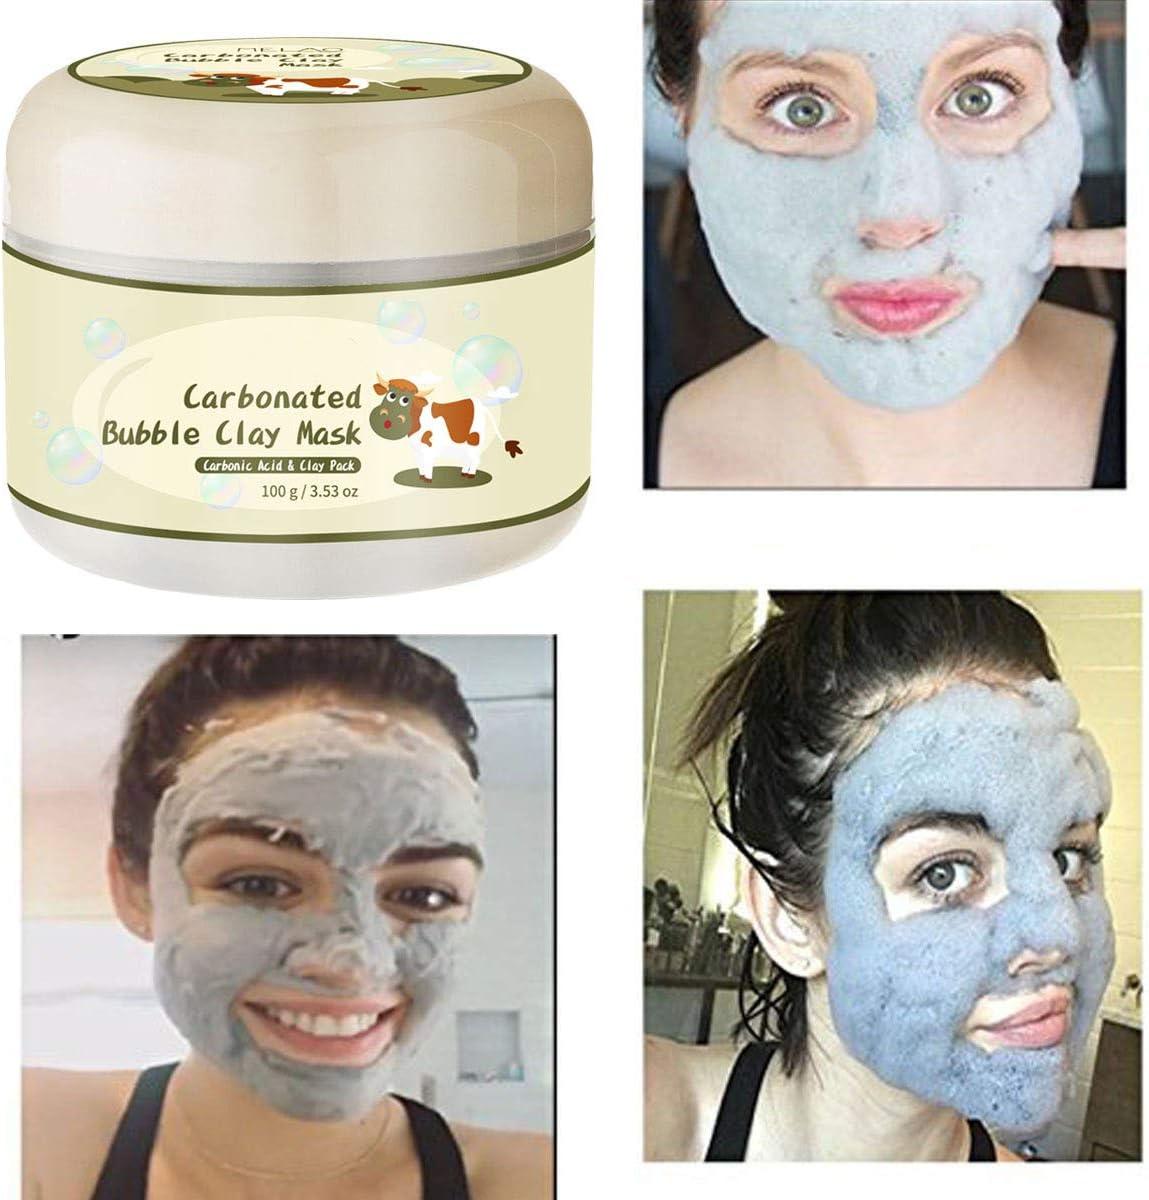 ZUZU Mascarilla Coreana carbonatada de Burbuja para la reparación Facial Mascarillas hidratantes Blanqueamiento Hidratante Cuidado Facial: Amazon.es: Deportes y aire libre